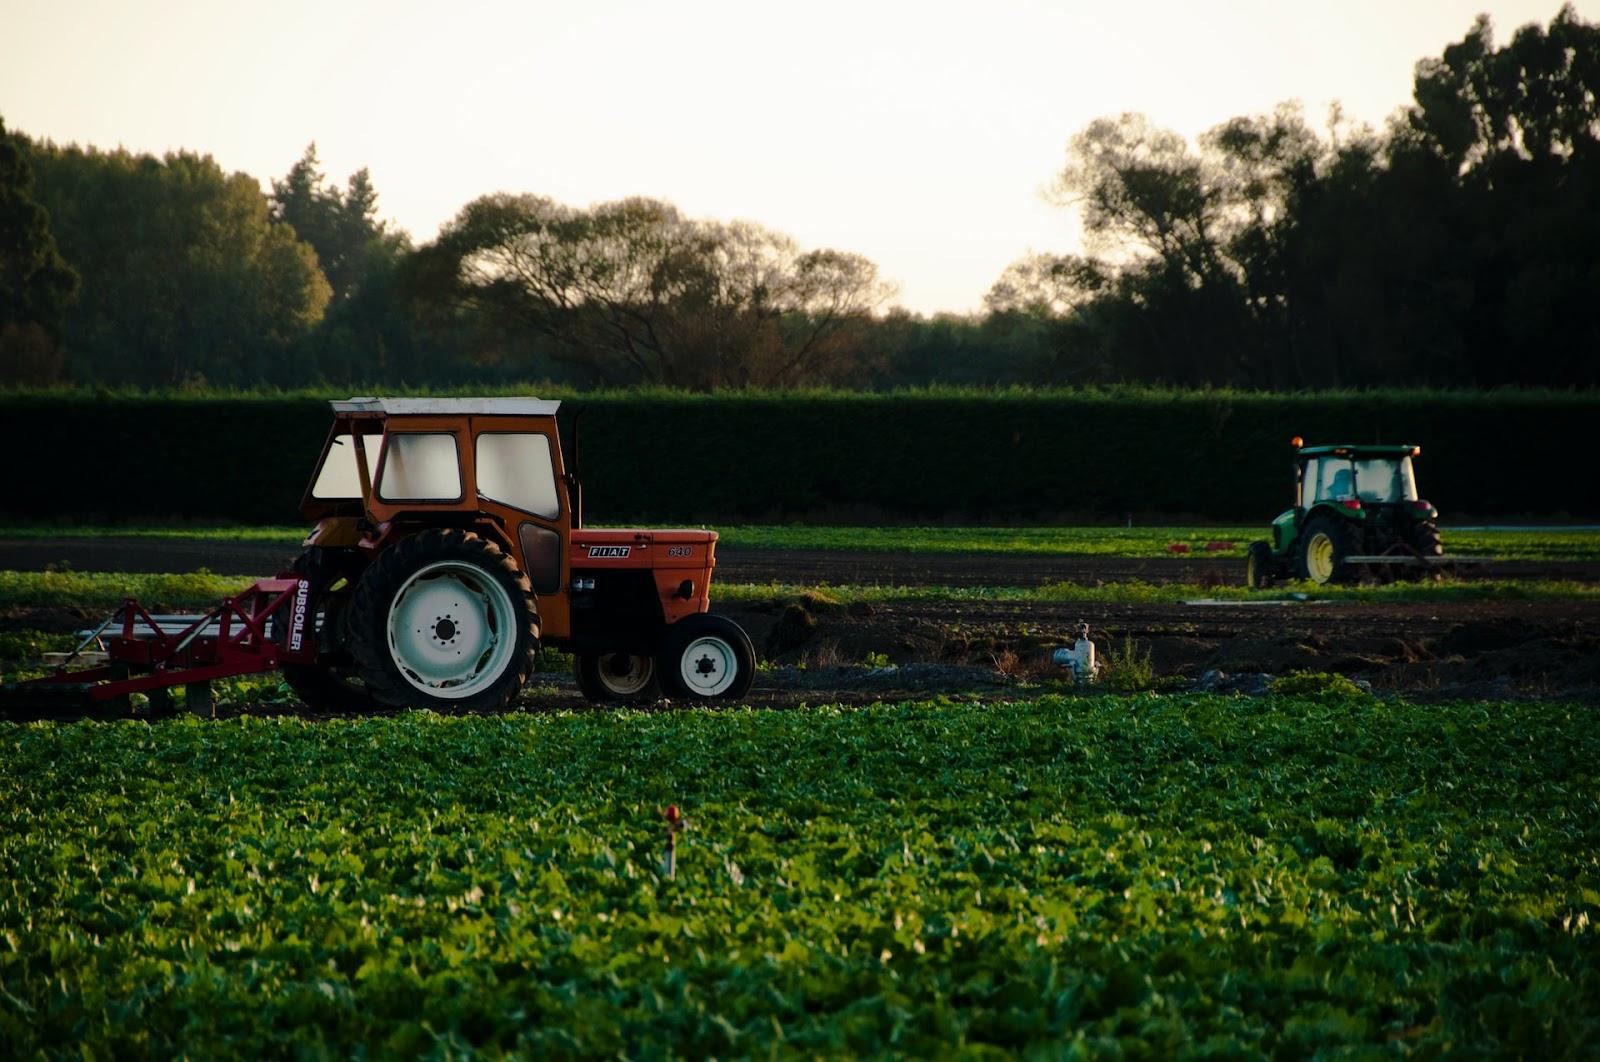 Cálculo dos custos de produção no agronegócio vai muito além de contabilizar os insumos (Fonte: Unsplash)